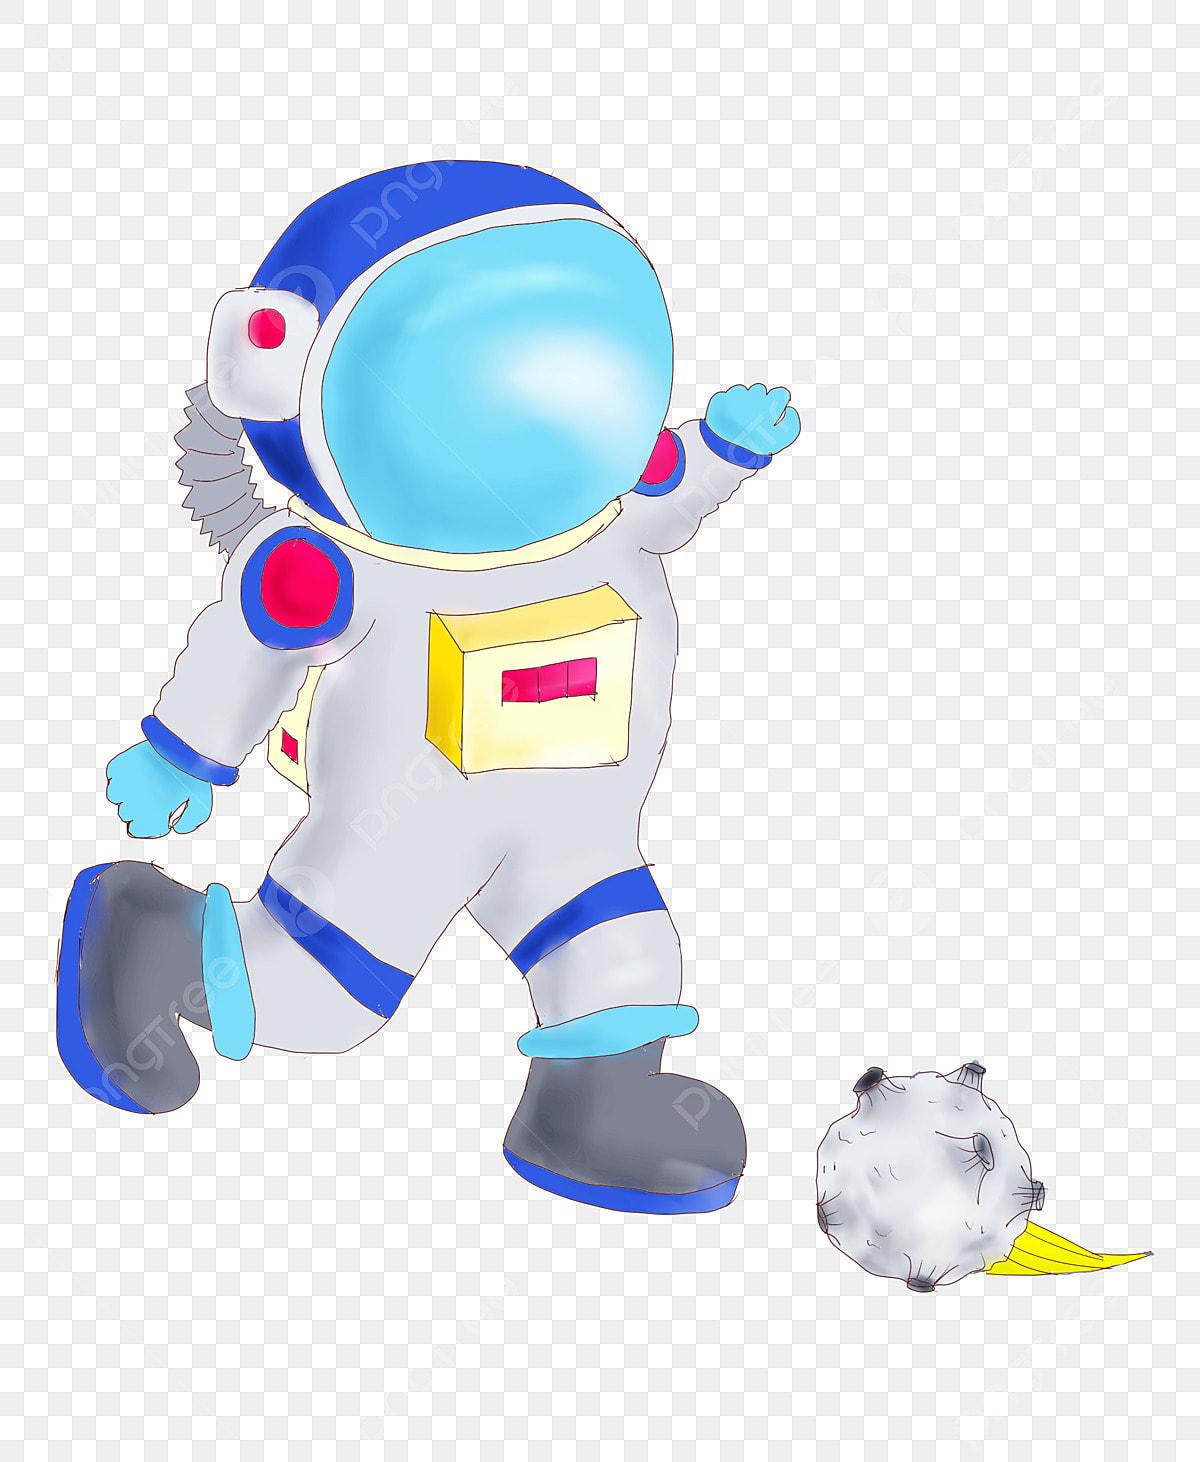 Blue Space Suit Cartoon Space Suit Space Suit Illustration